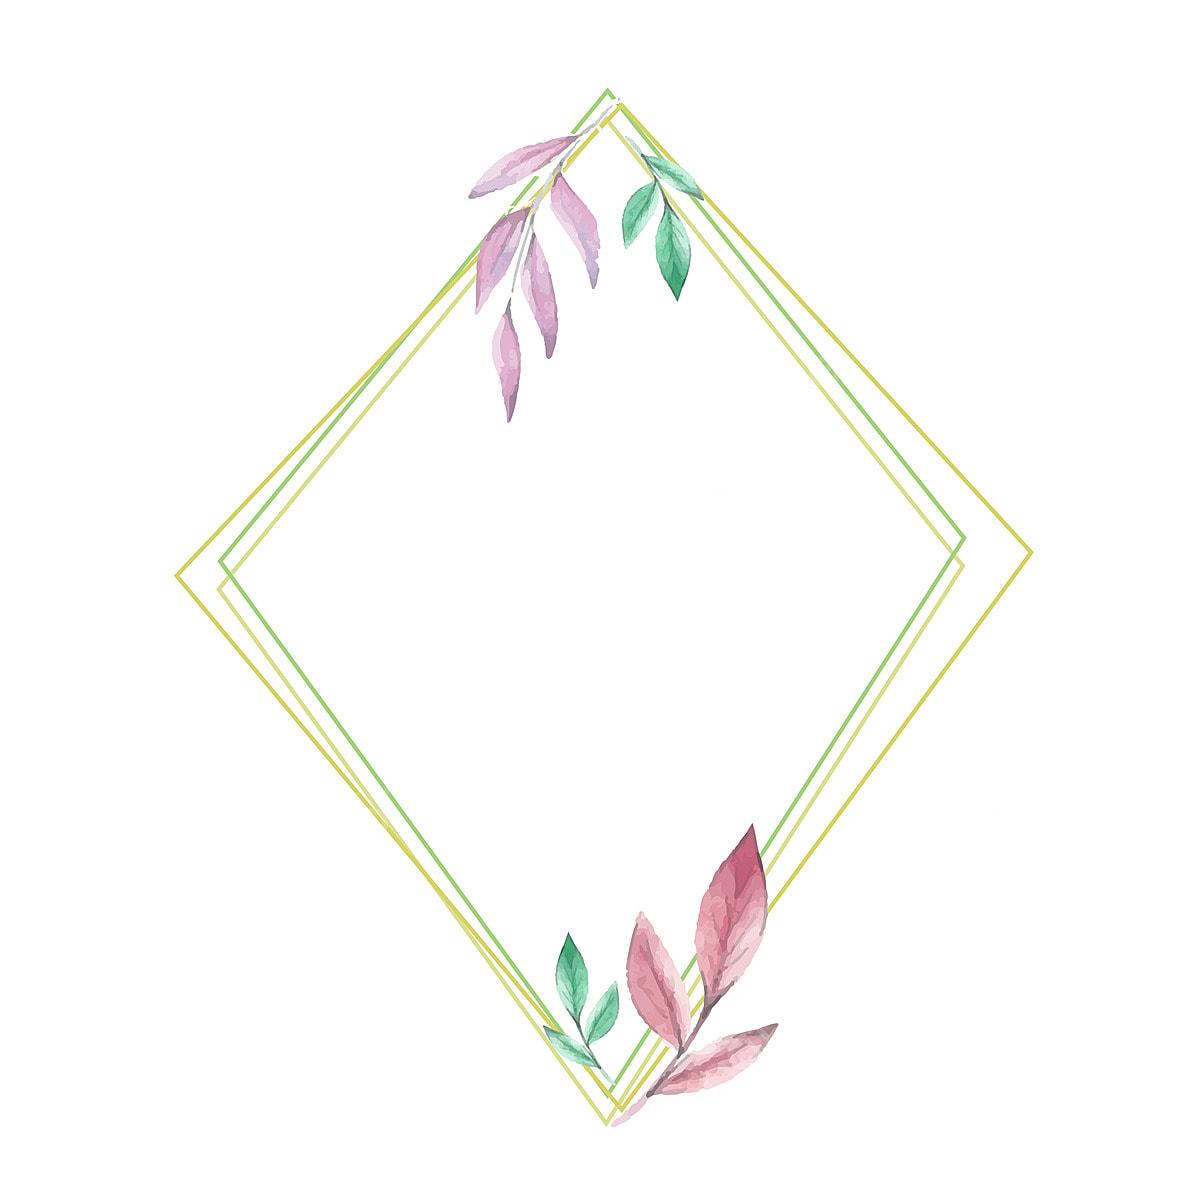 Minimalist Floral Frame Design Minimalist Floral Frame Png And